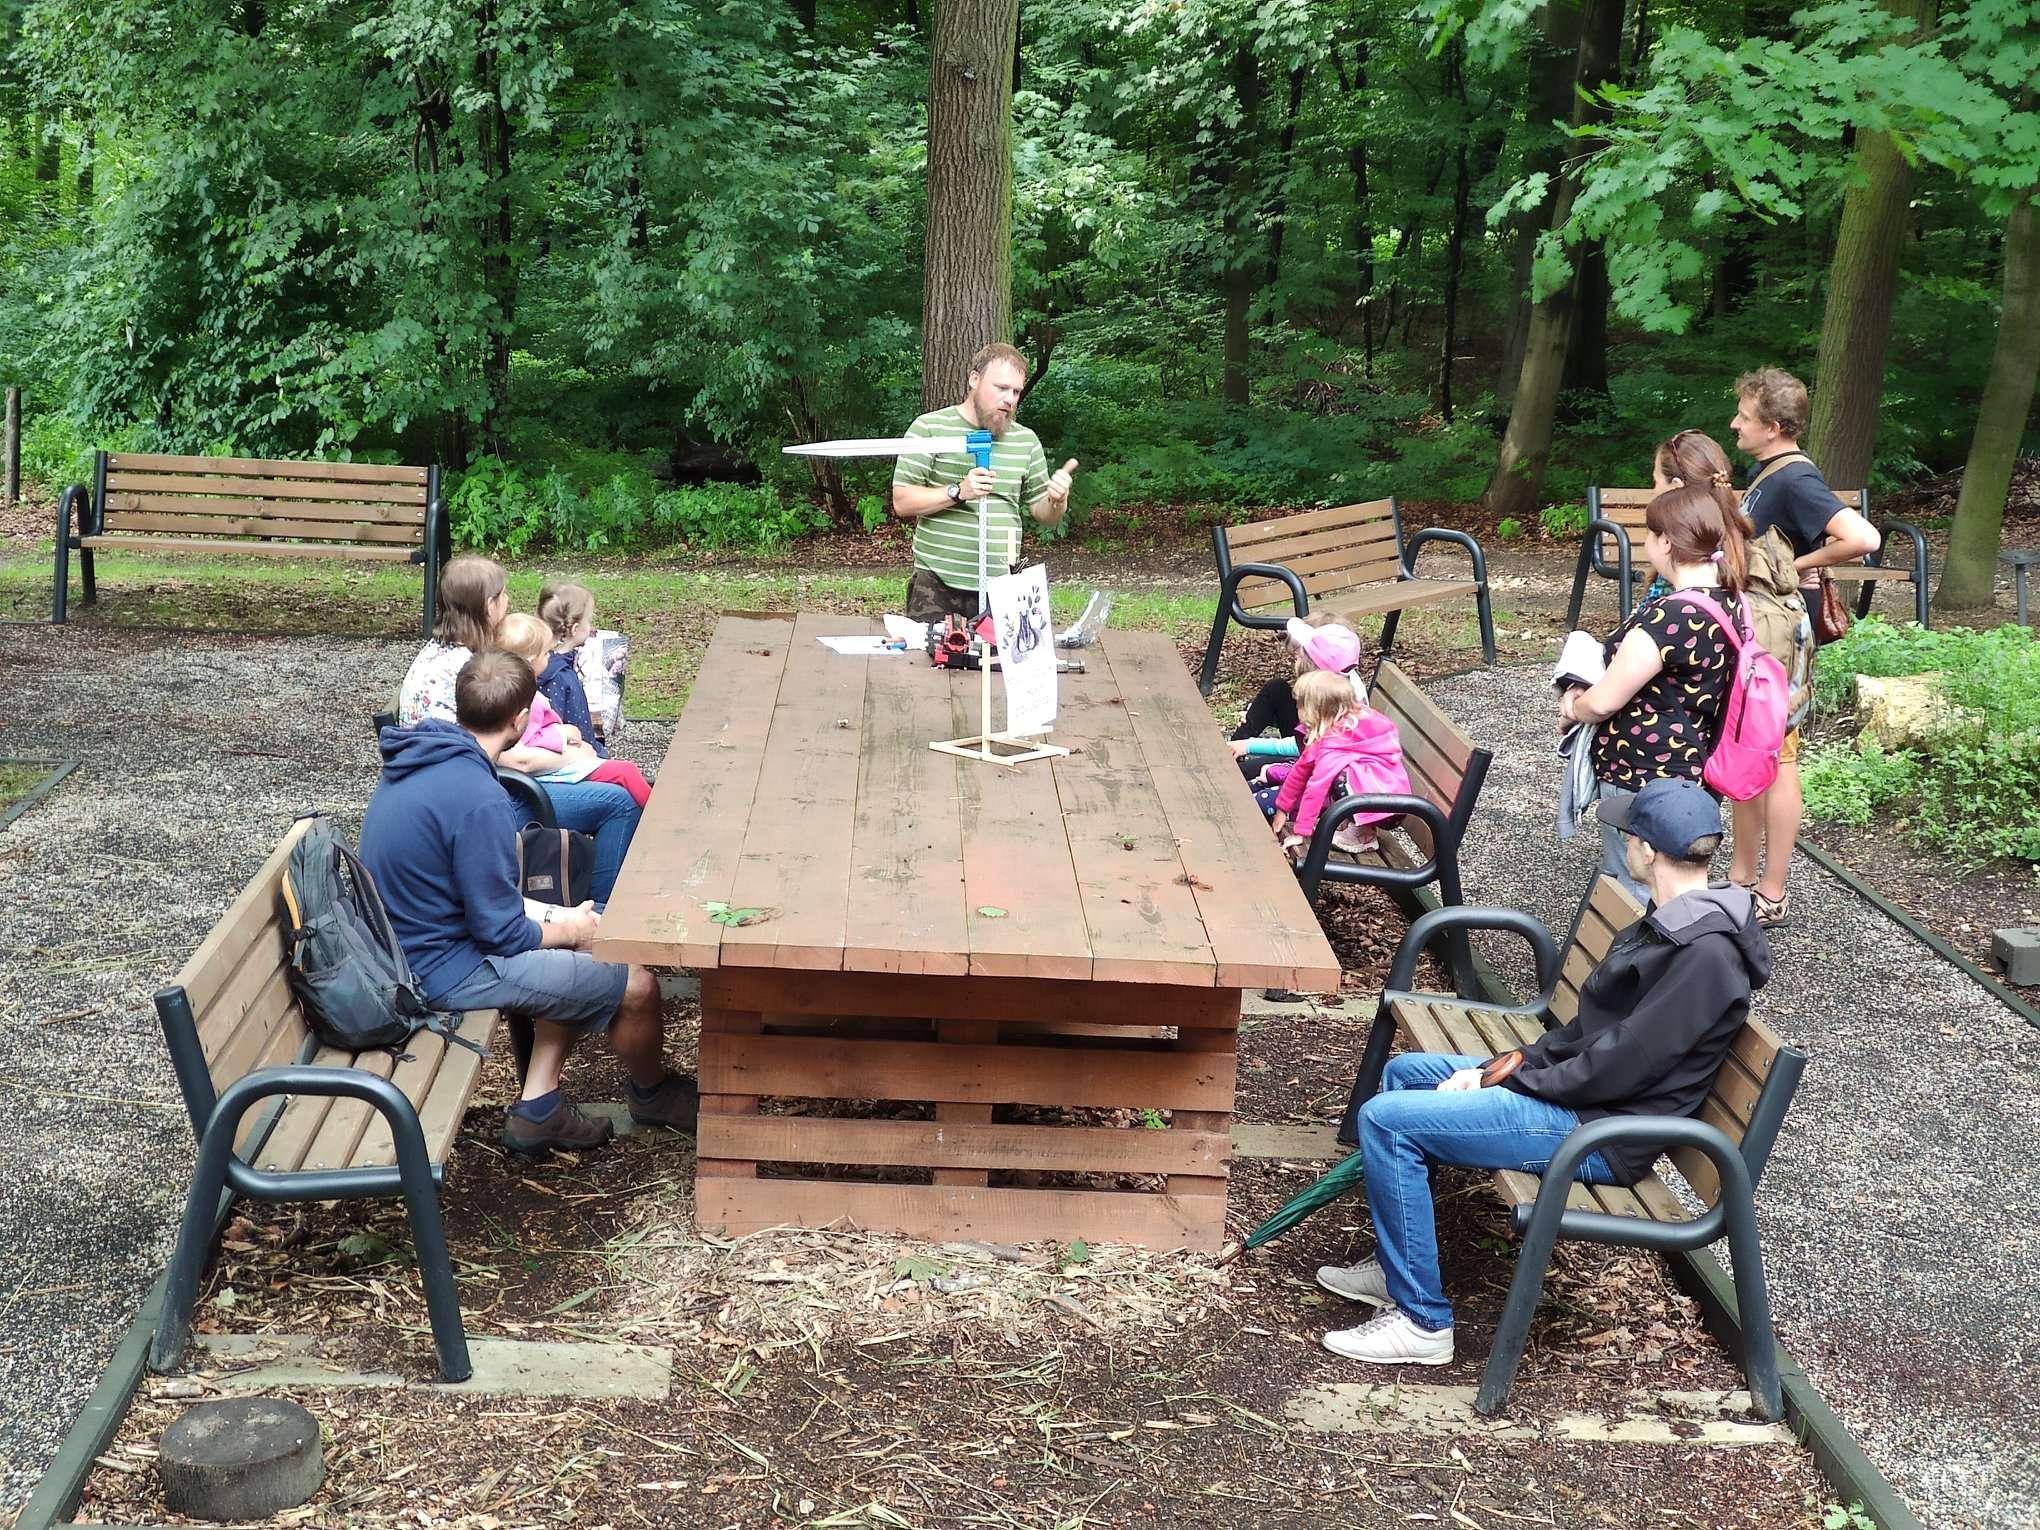 Zdjęcie przedstawiające grupę ludzi z edukatorem na spacerze leśnym w Lesie Wolskim, na pierwszym planie drewniany stół warsztatowy